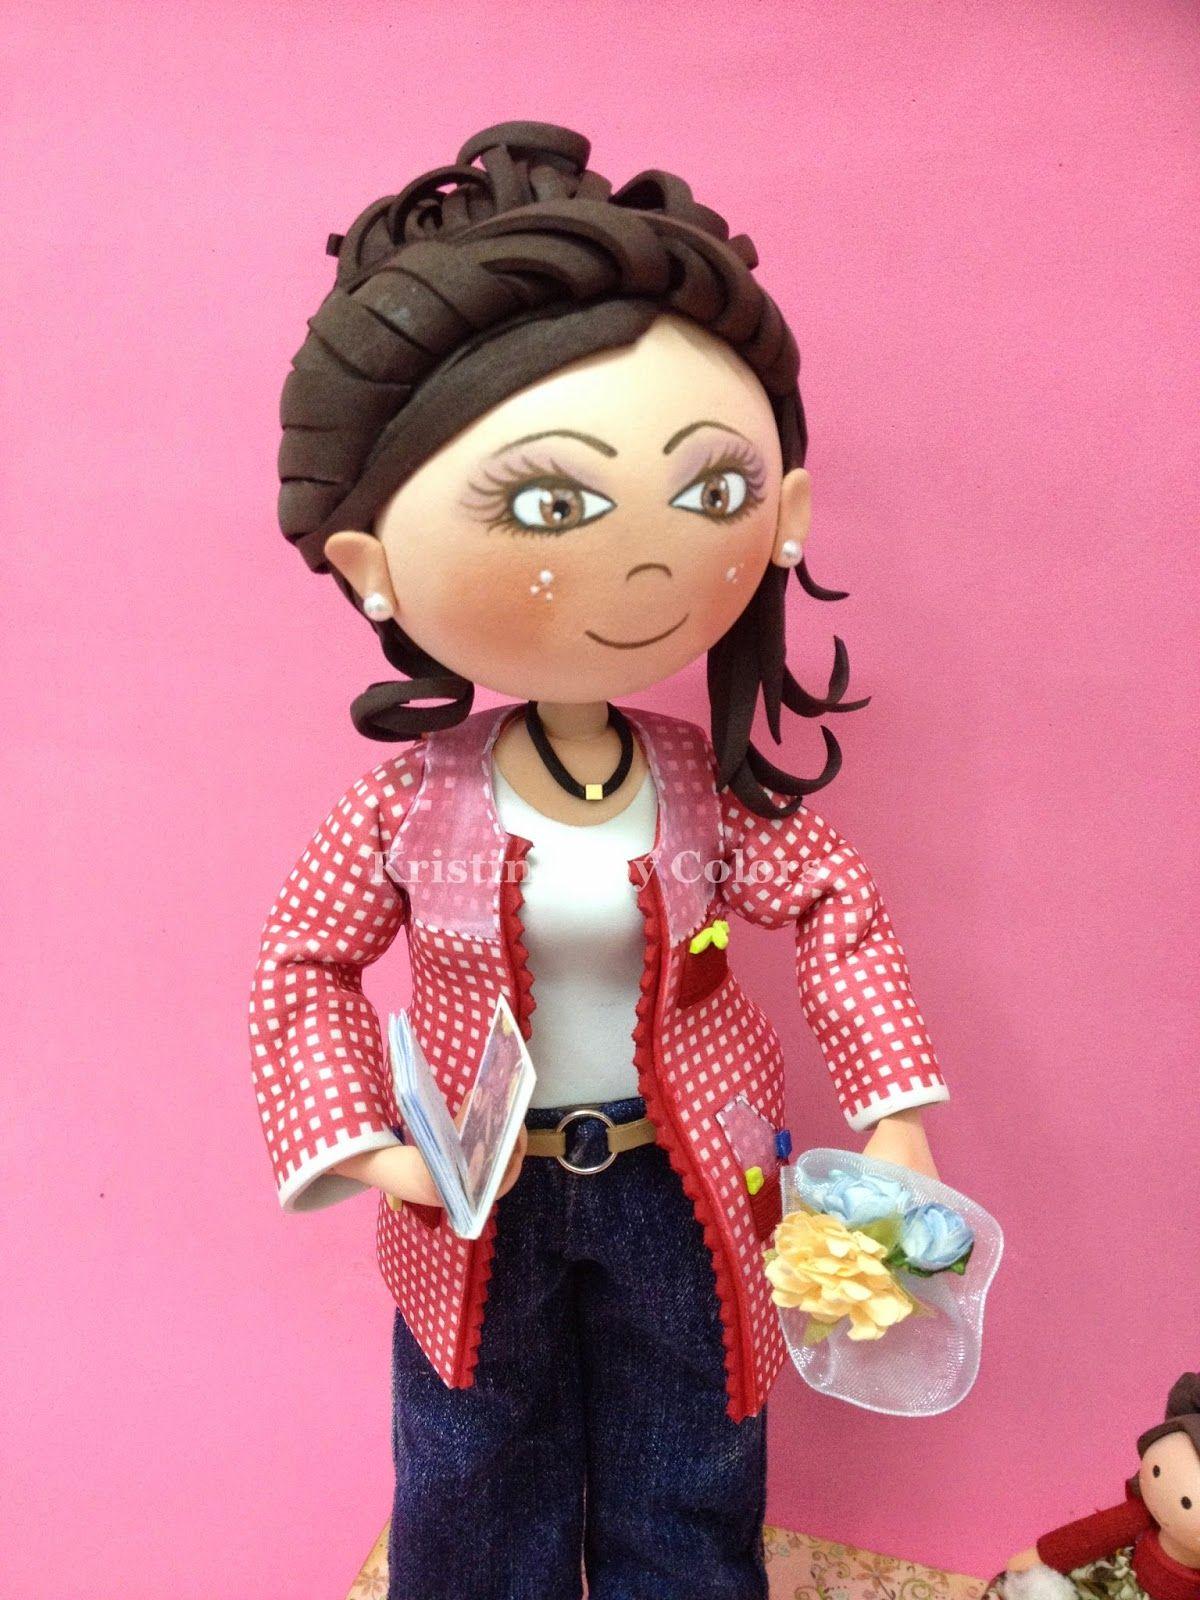 Blog sobre manualidades artesanas personalizadas,  fabricadas en foami, tela, goma eva, etc. ¿Necesitas una meñeca personalizada? esta es tu web.